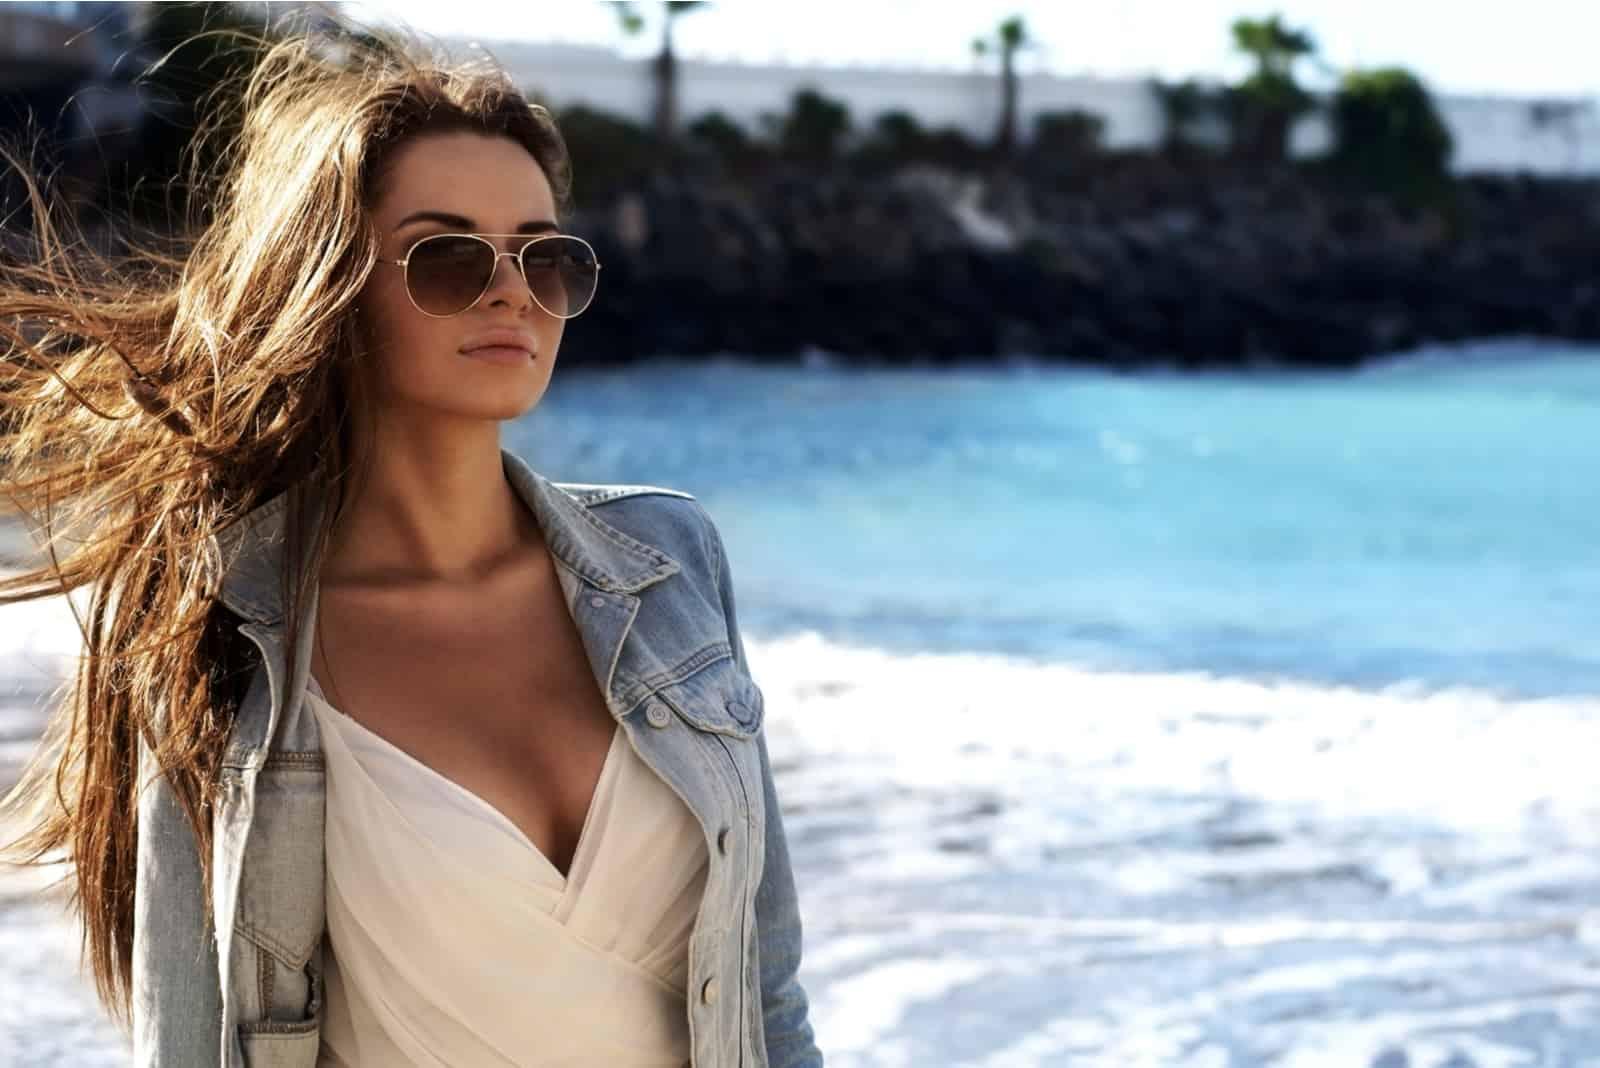 une femme aux longs cheveux bruns et lunettes se dresse au bord de la mer